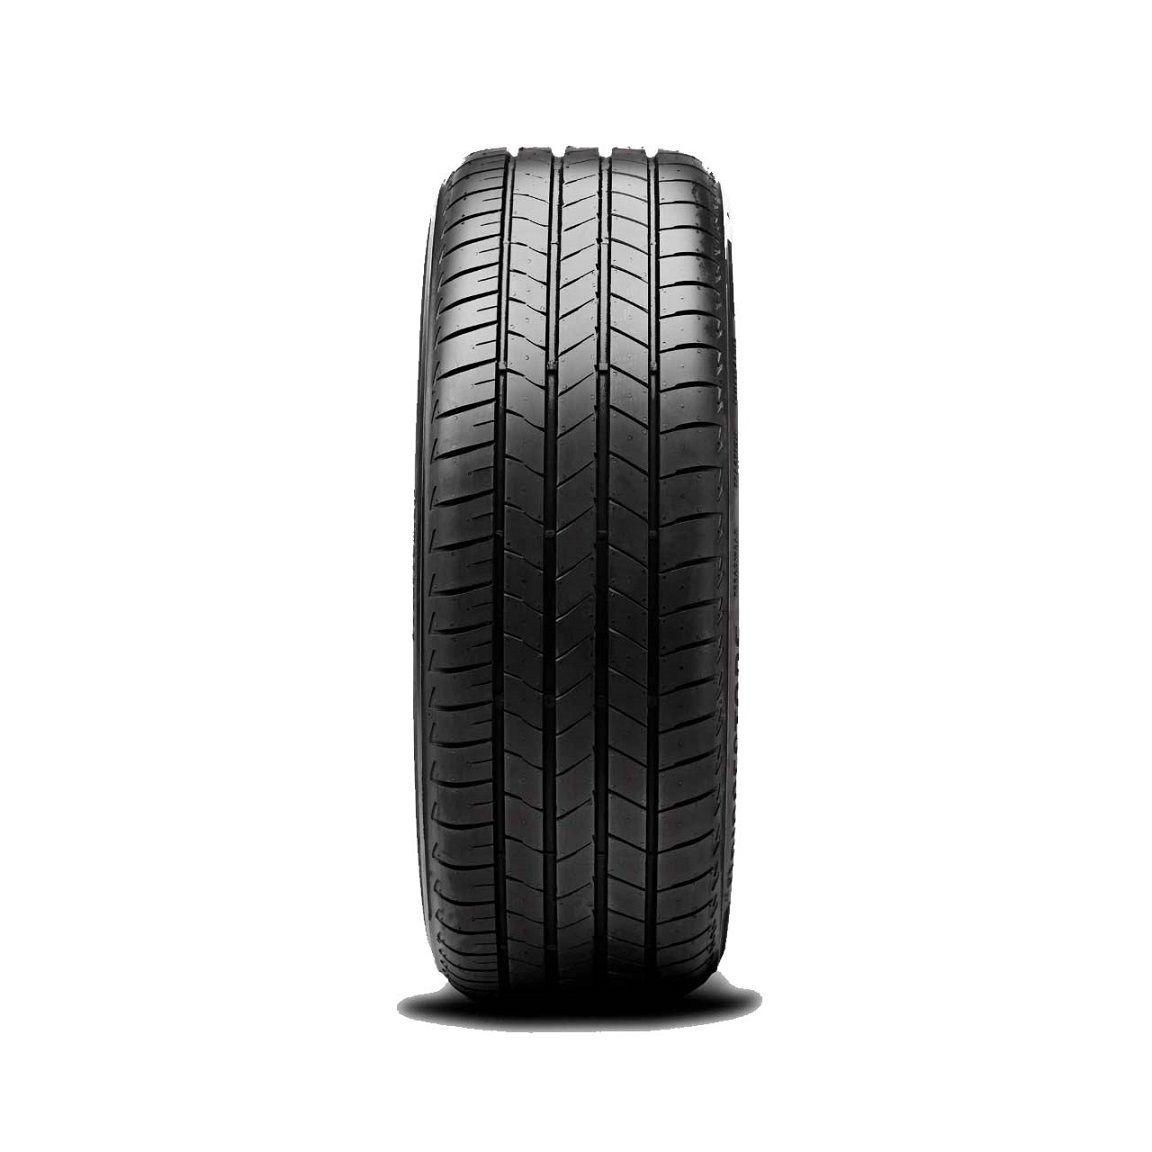 Pneu 235/45 R 18 - Turanza T005 94V - Bridgestone